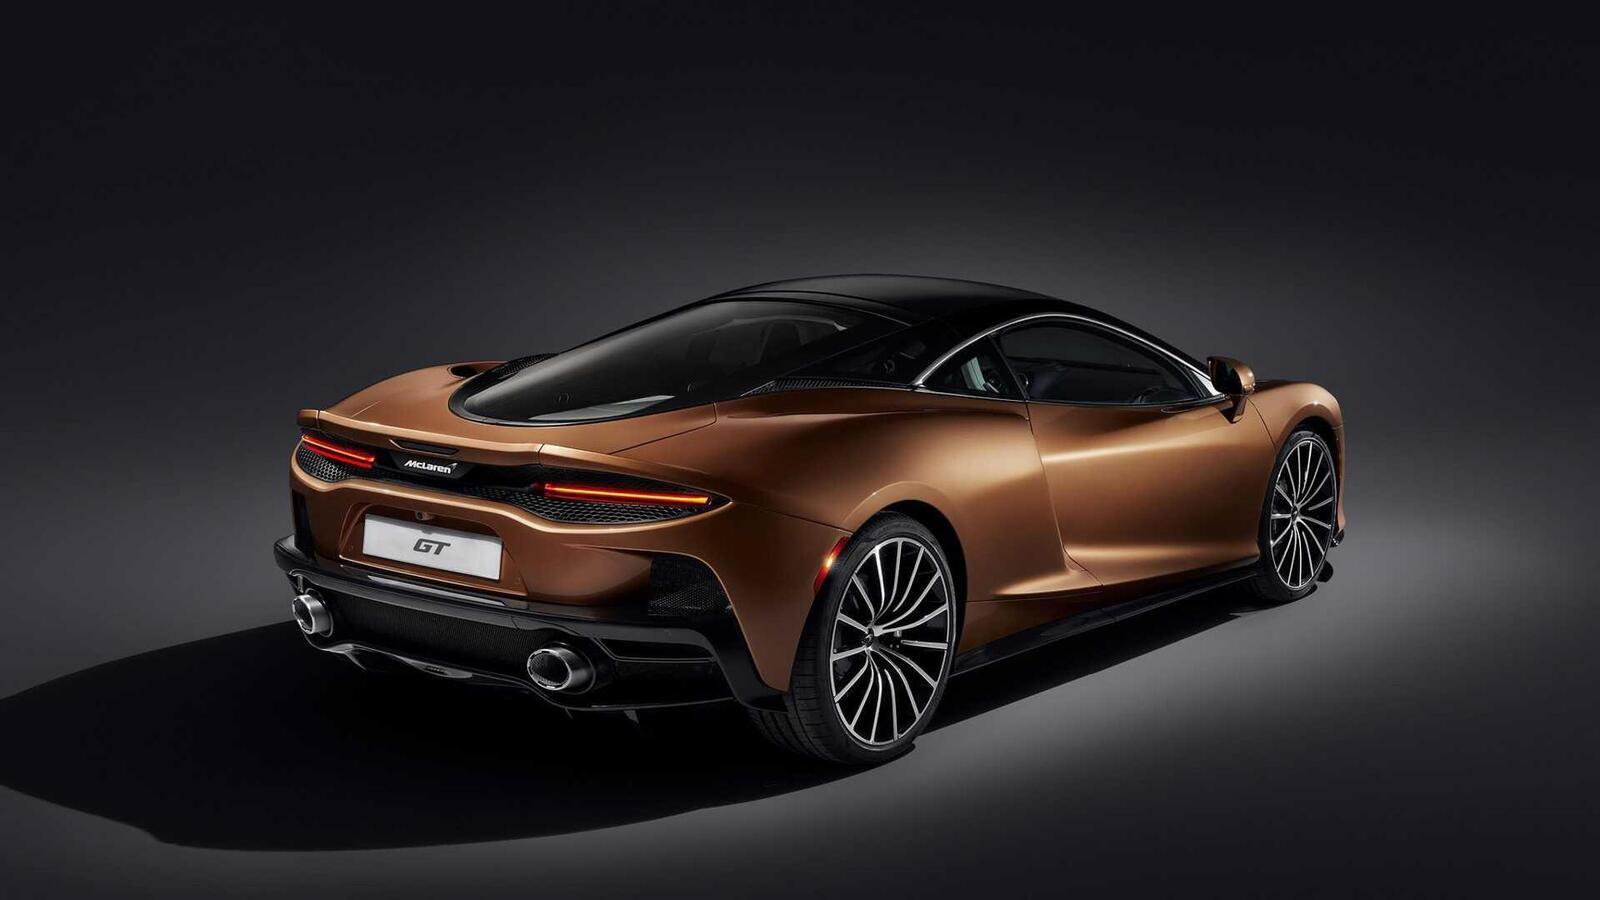 McLaren giới thiệu siêu xe GT 2020 hoàn toàn mới: Động cơ mạnh mẽ và cabin thoải mái - Hình 25